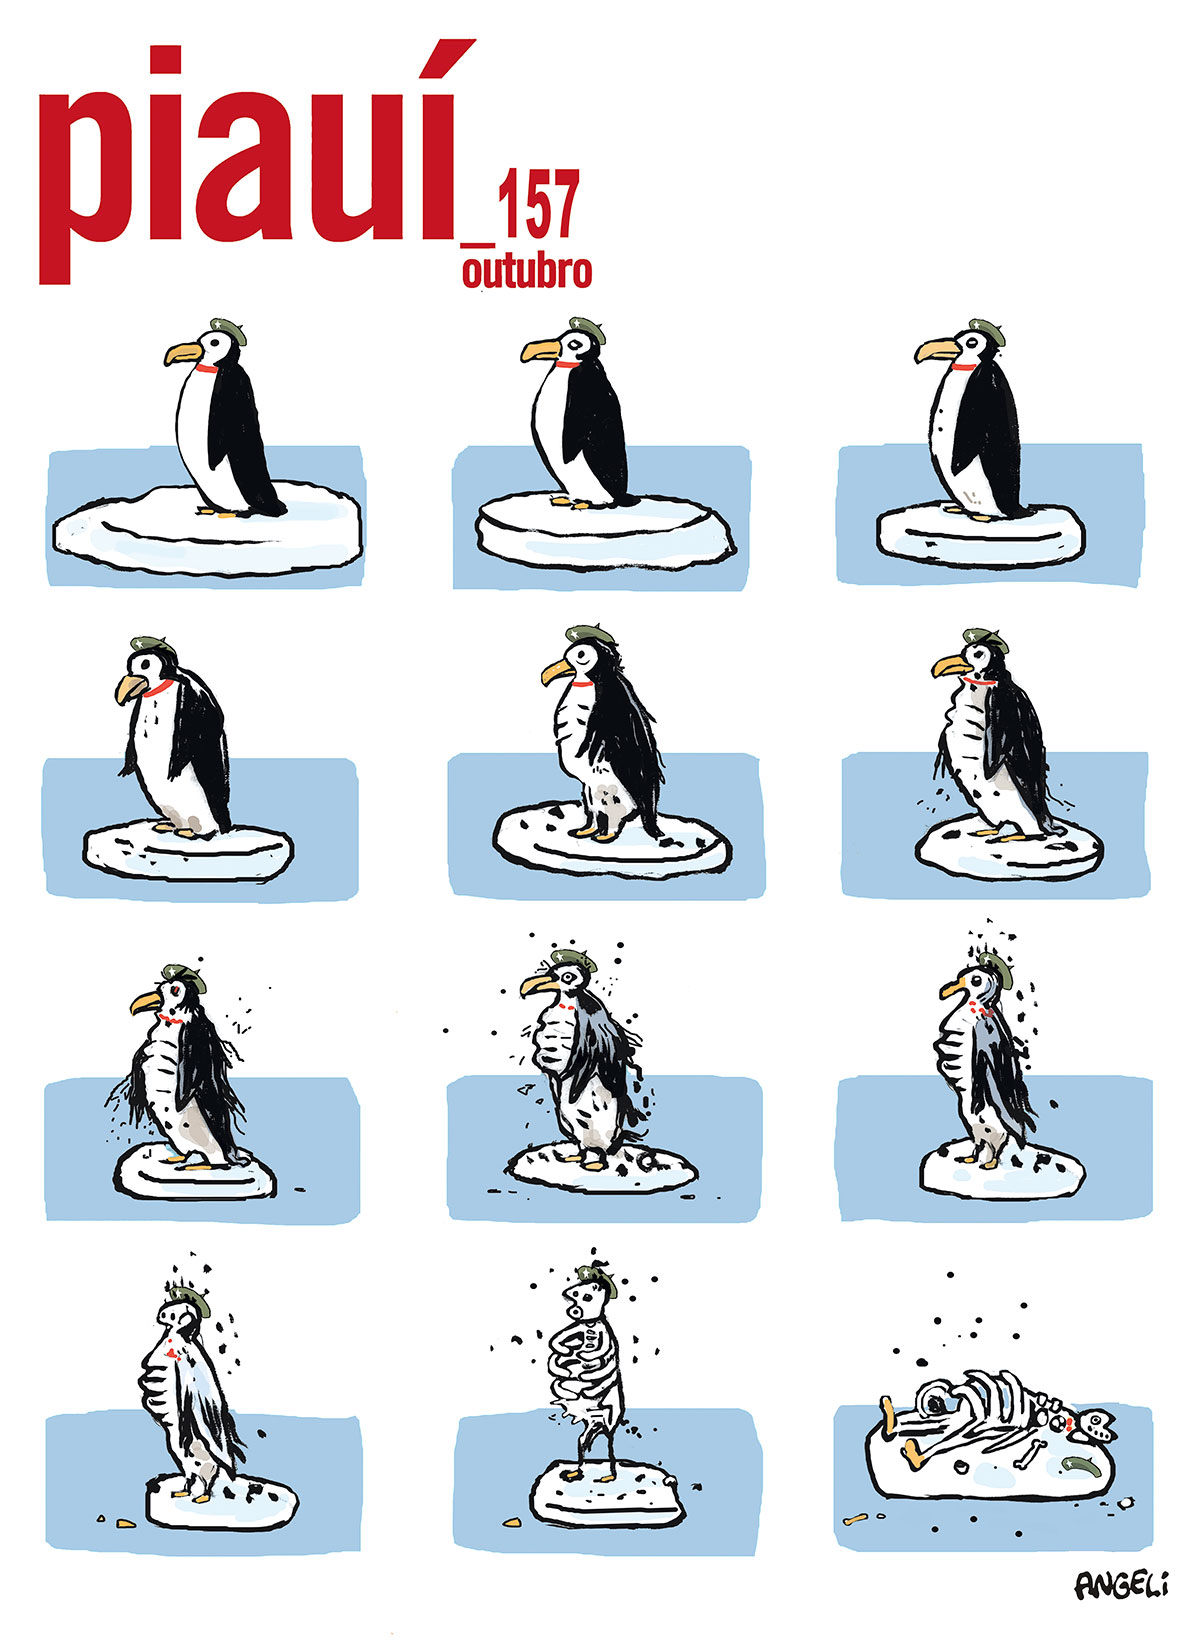 O pinguim sucumbe aos novos tempos